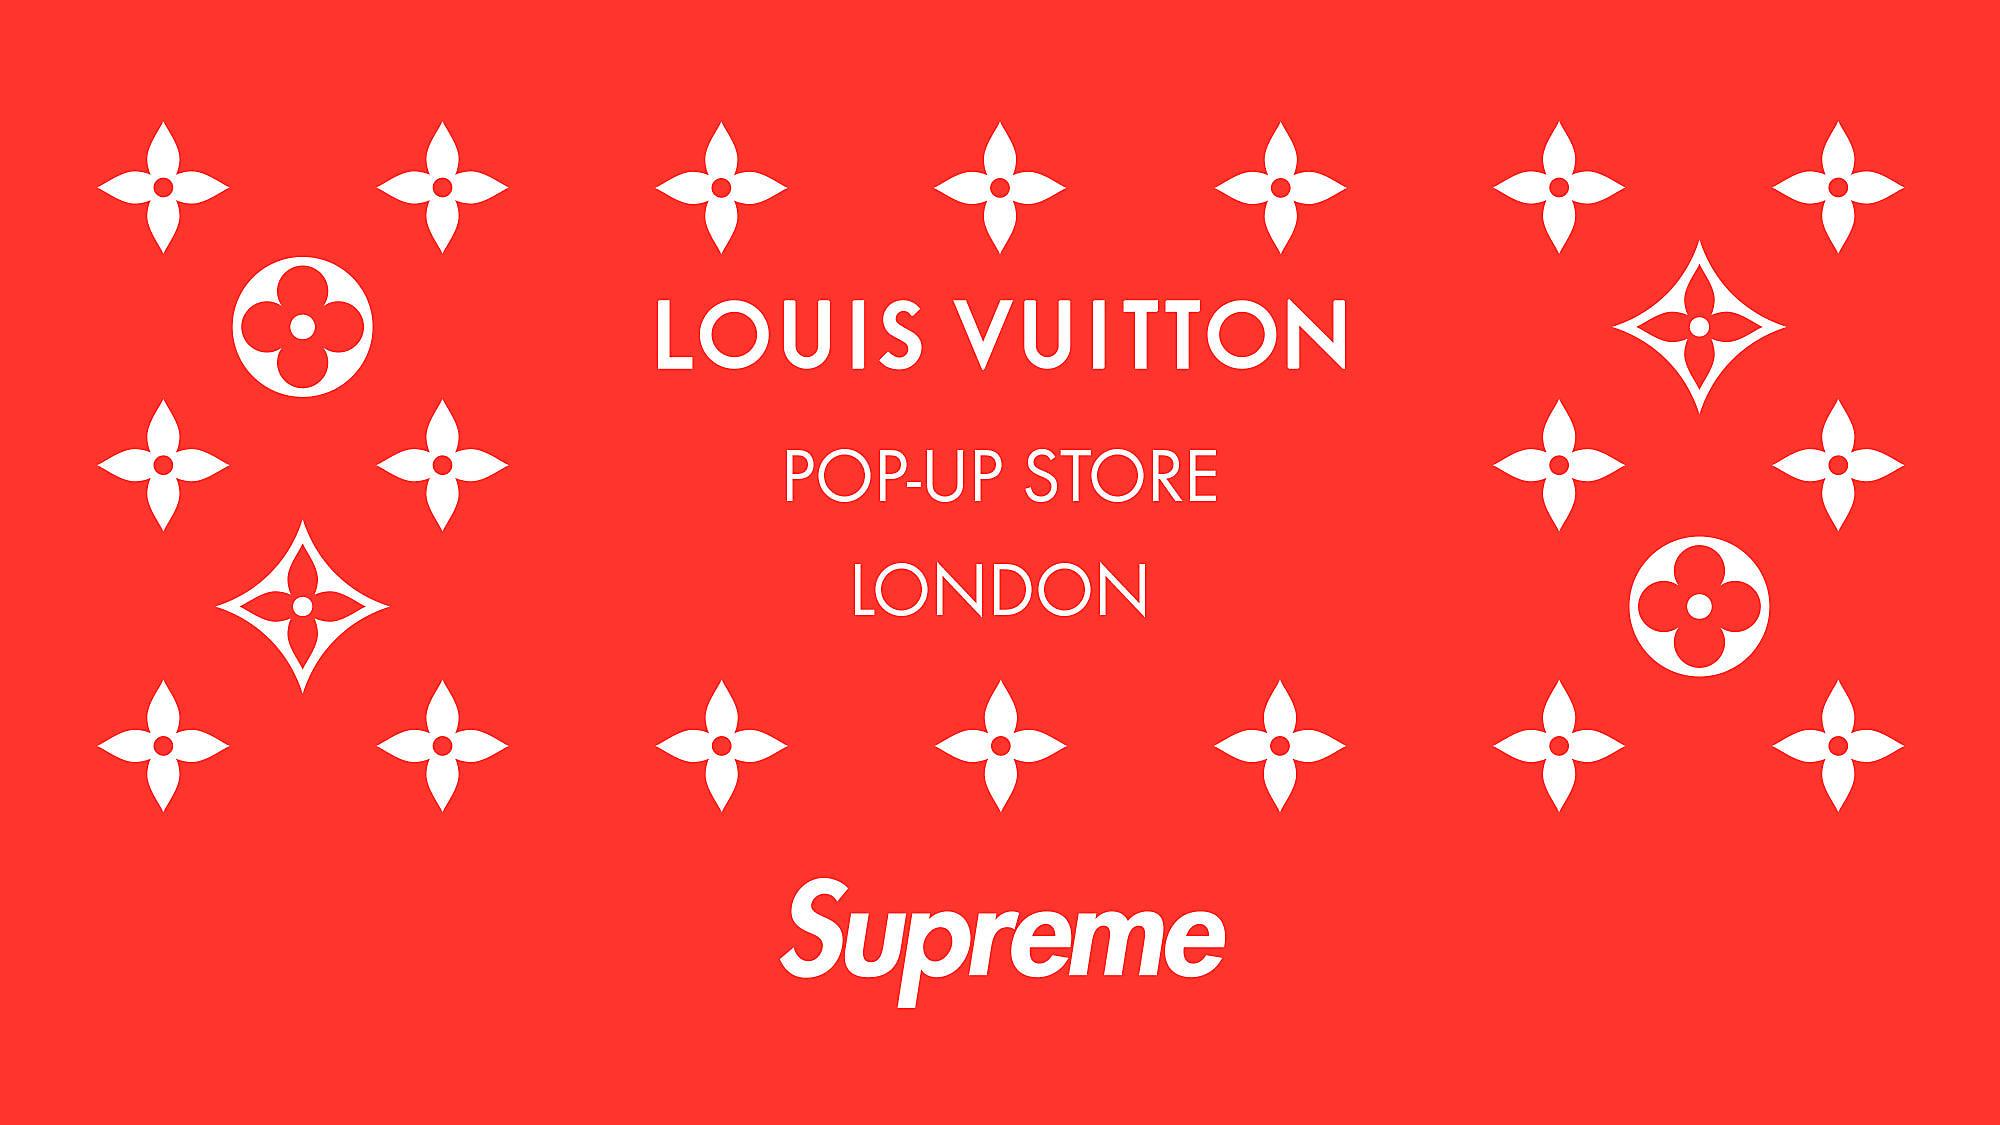 3a2d58b78c30 LOUIS VUITTON x SUPREME